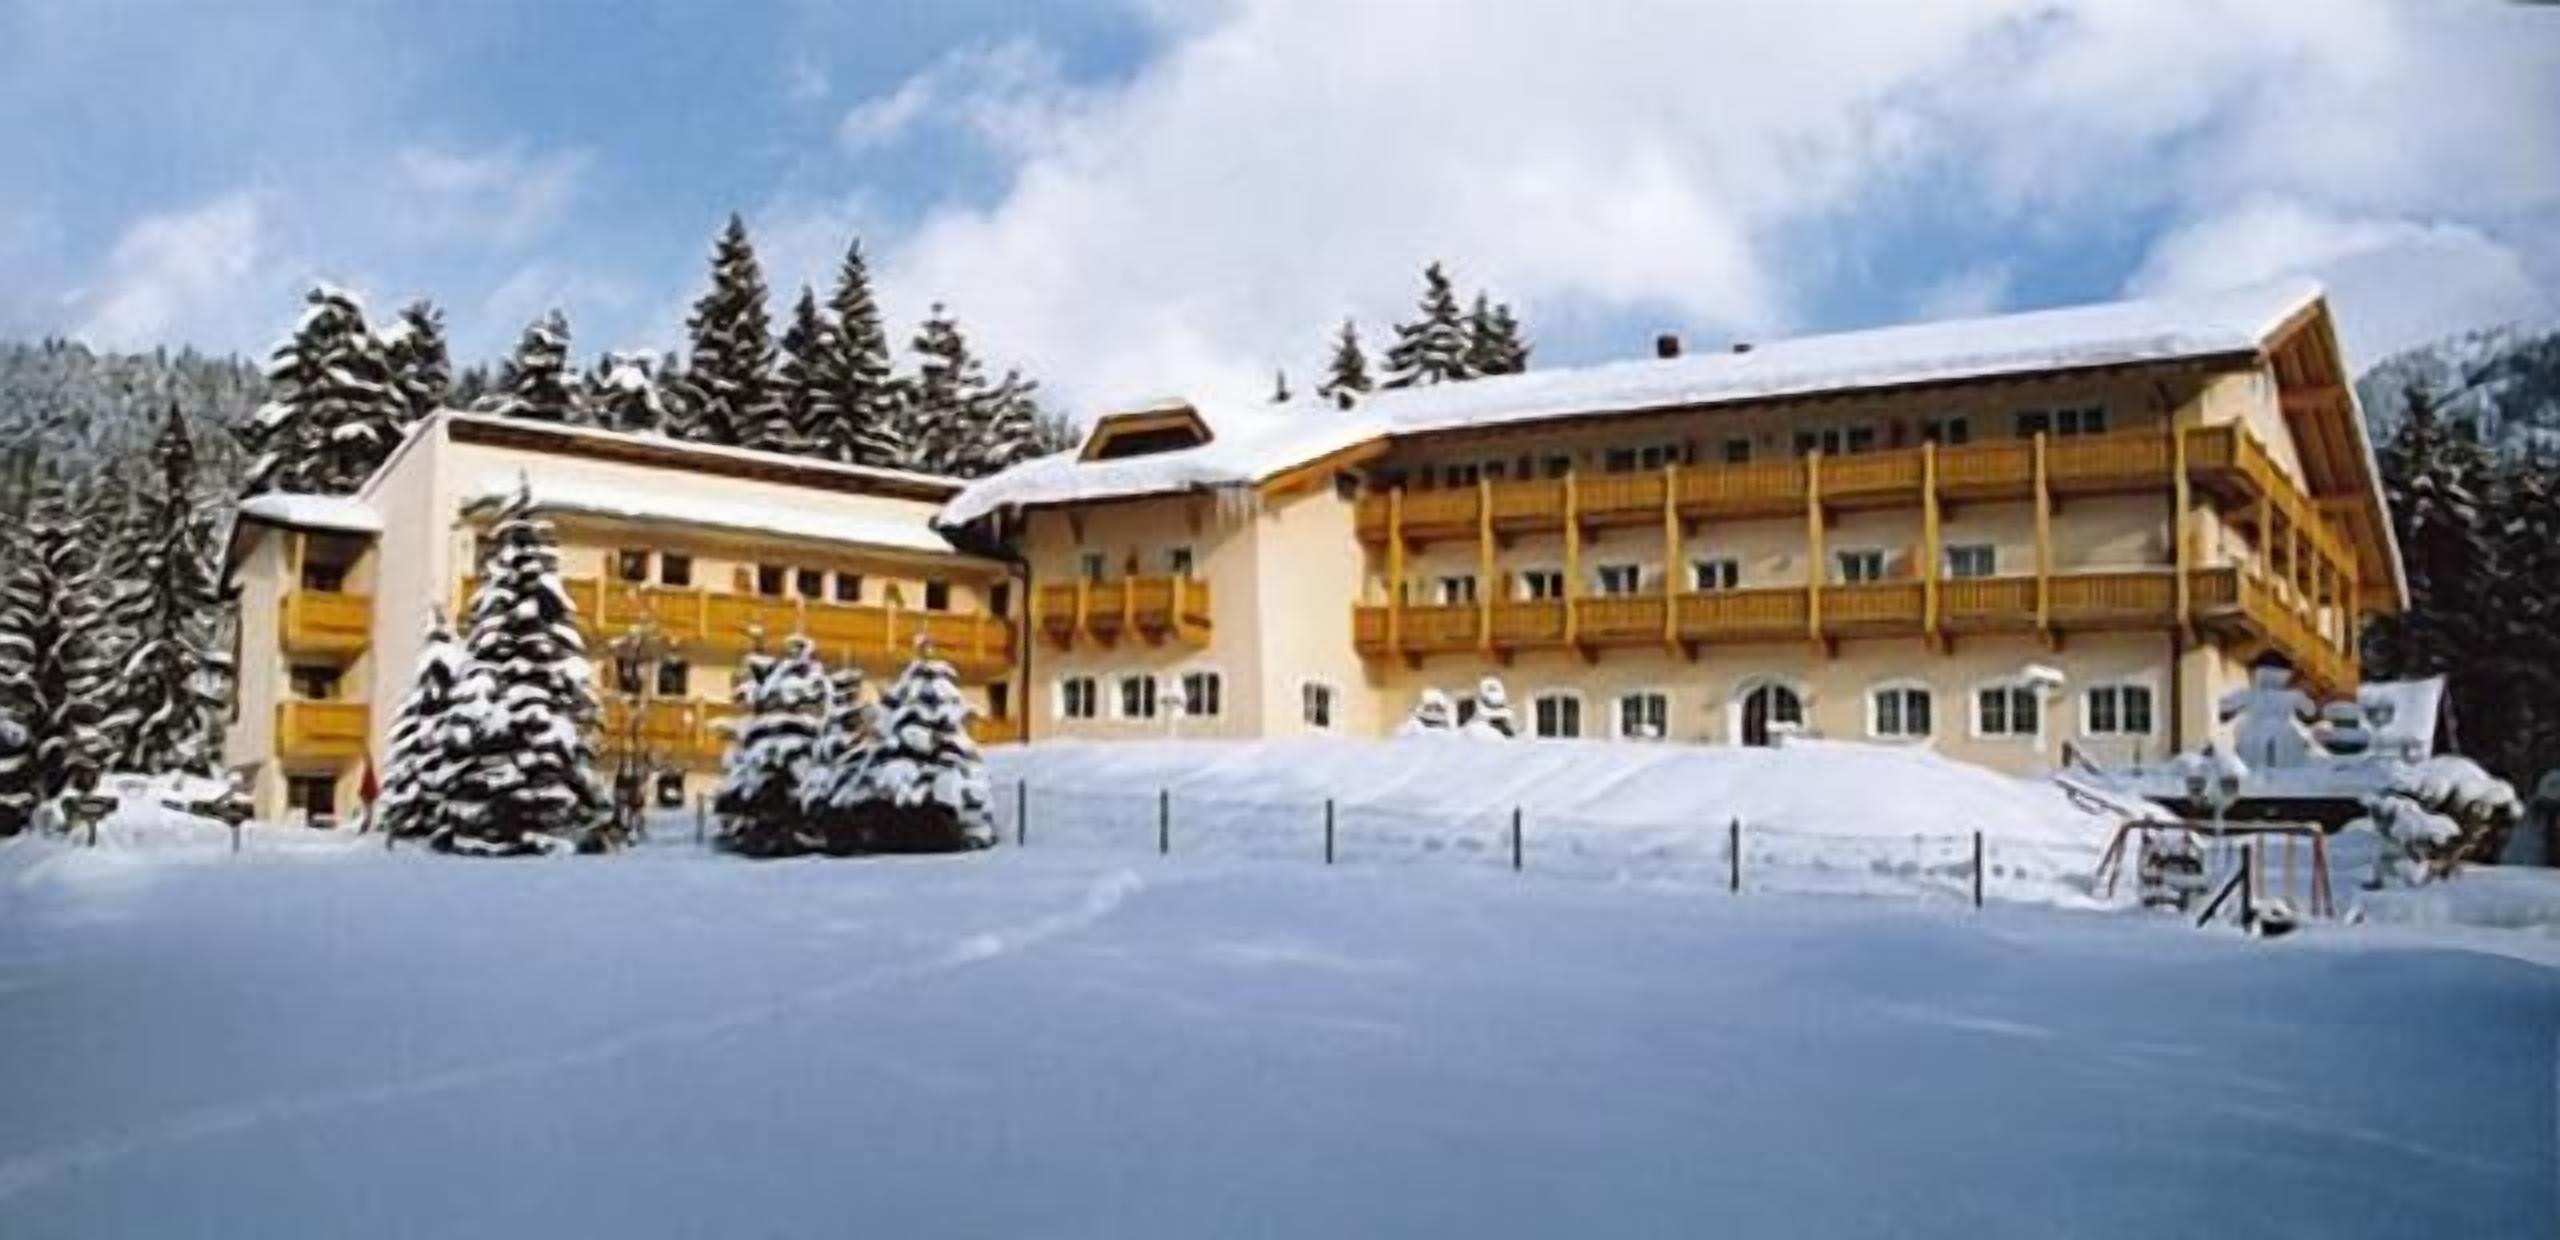 Panorama Sonnenresidenz Waldhotel